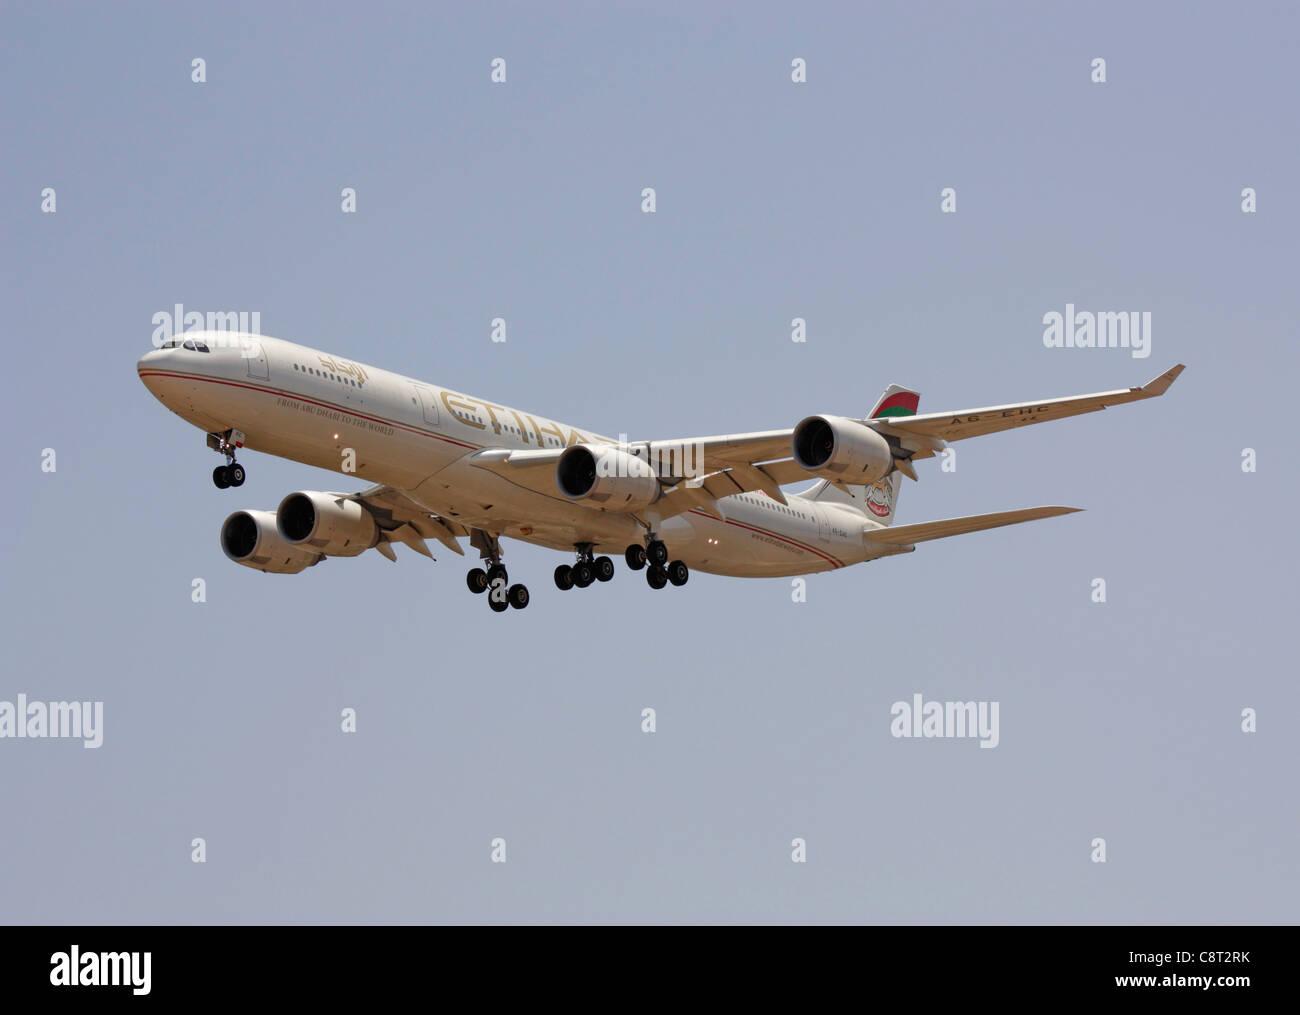 Etihad Airways Airbus A340-500 quattro-motore aereo jet sull approccio. A lunga distanza di volo commerciale. Immagini Stock